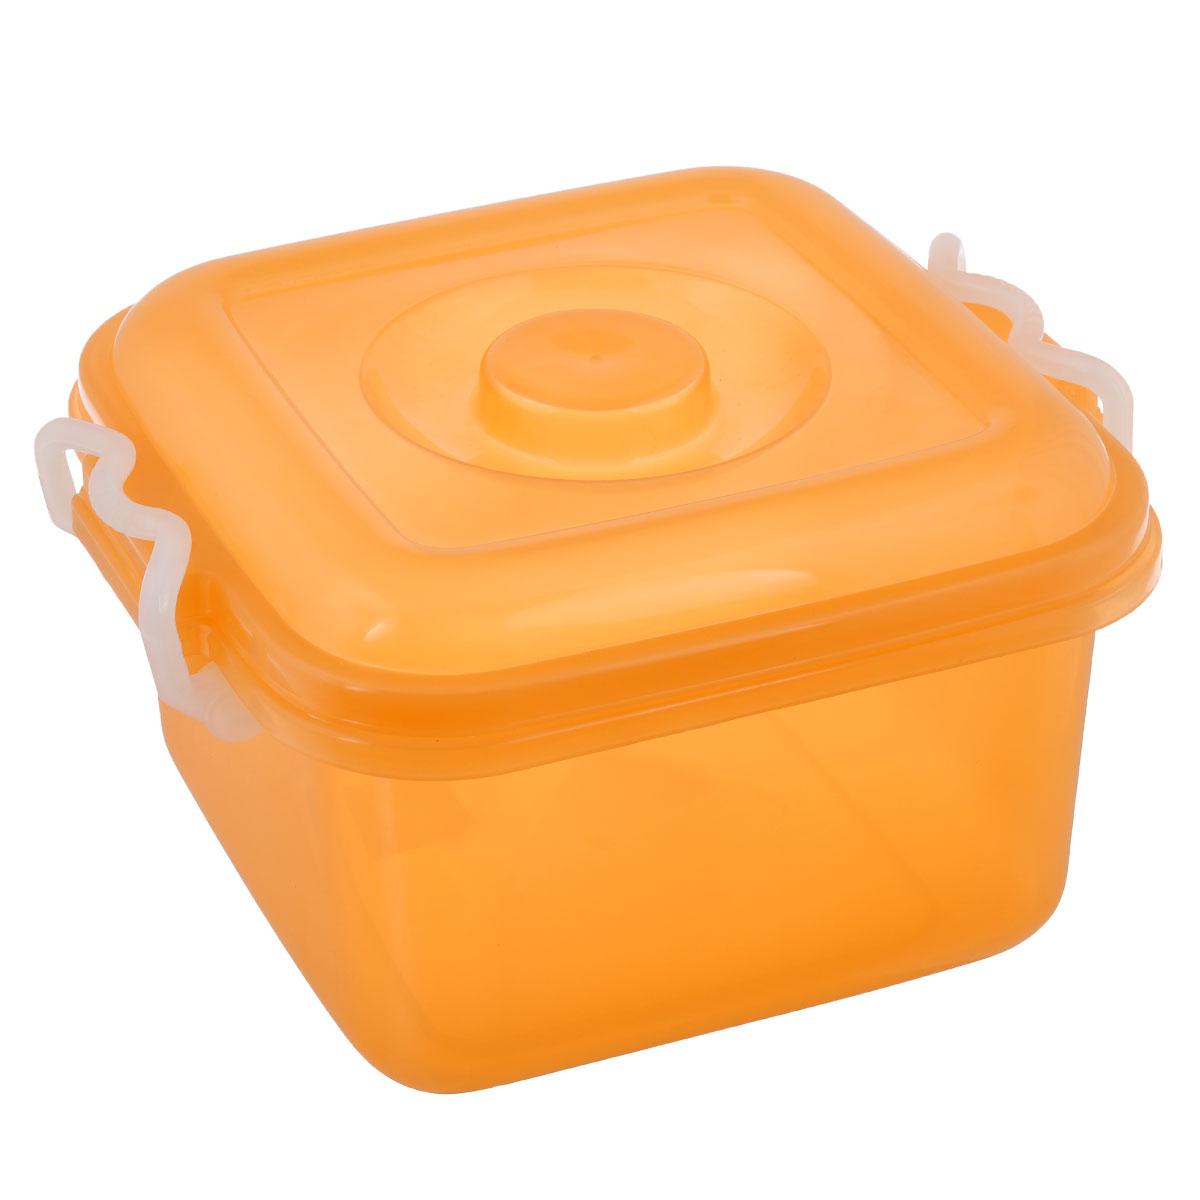 Контейнер для хранения Idea Океаник, цвет: оранжевый, 6 лМ 2855Контейнер Idea Океаник выполнен из пищевого пластика, предназначен для хранения различных вещей.Контейнер снабжен эргономичной плотно закрывающейся крышкой со специальными боковыми фиксаторами. Объем контейнера: 6 л.